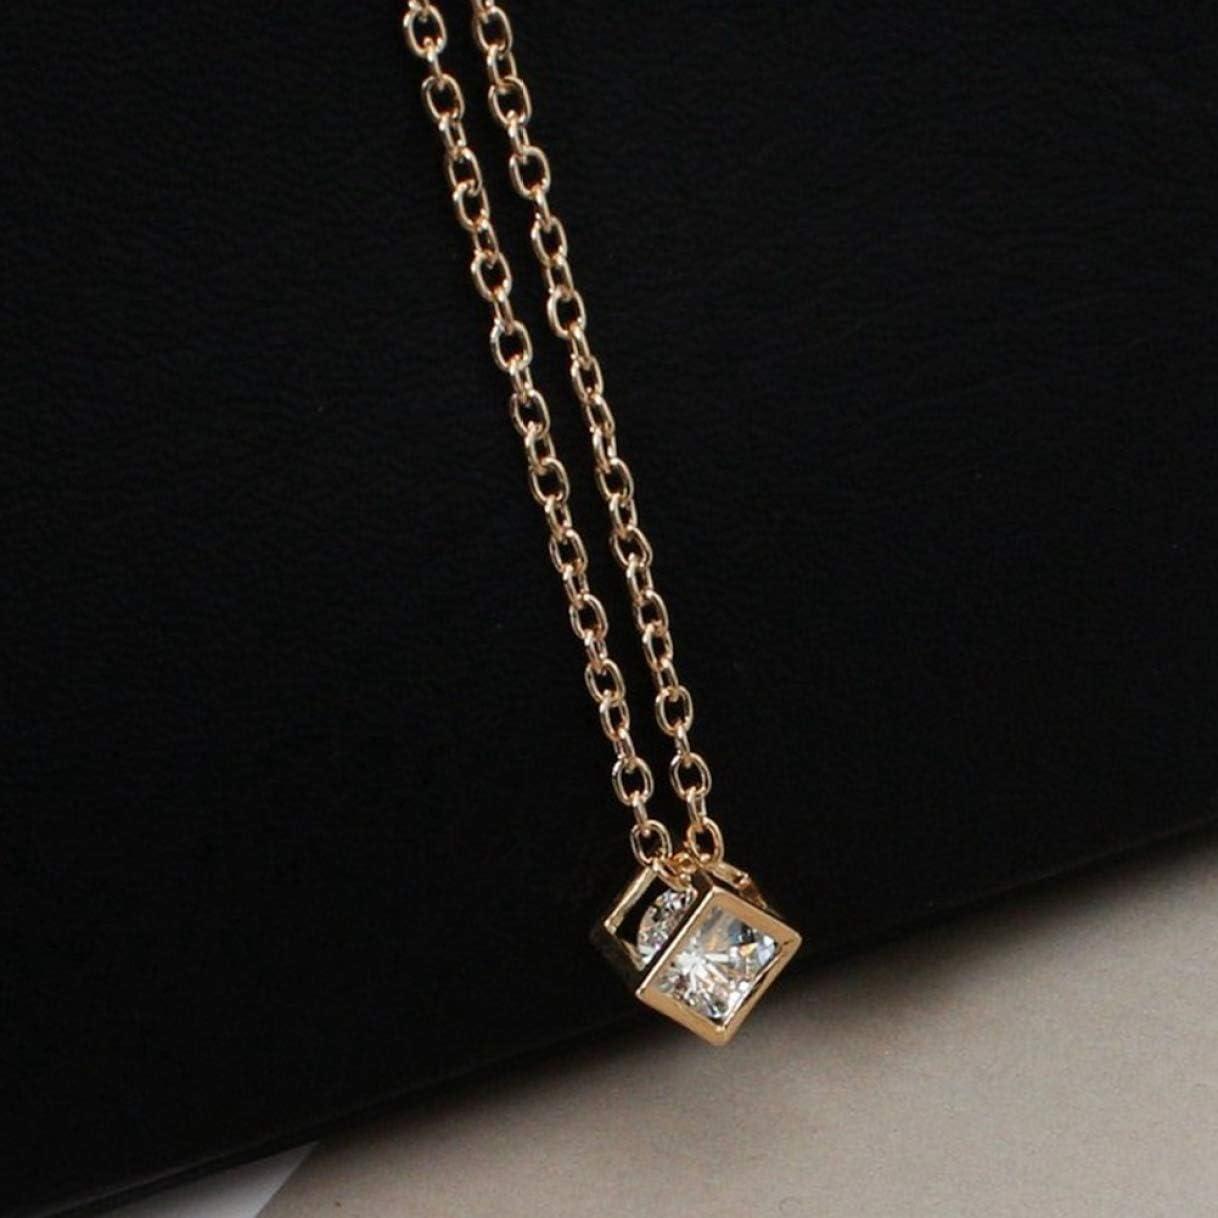 XINGSd Beautiful Fashion Collier Fashion Geometric Block Zirconium